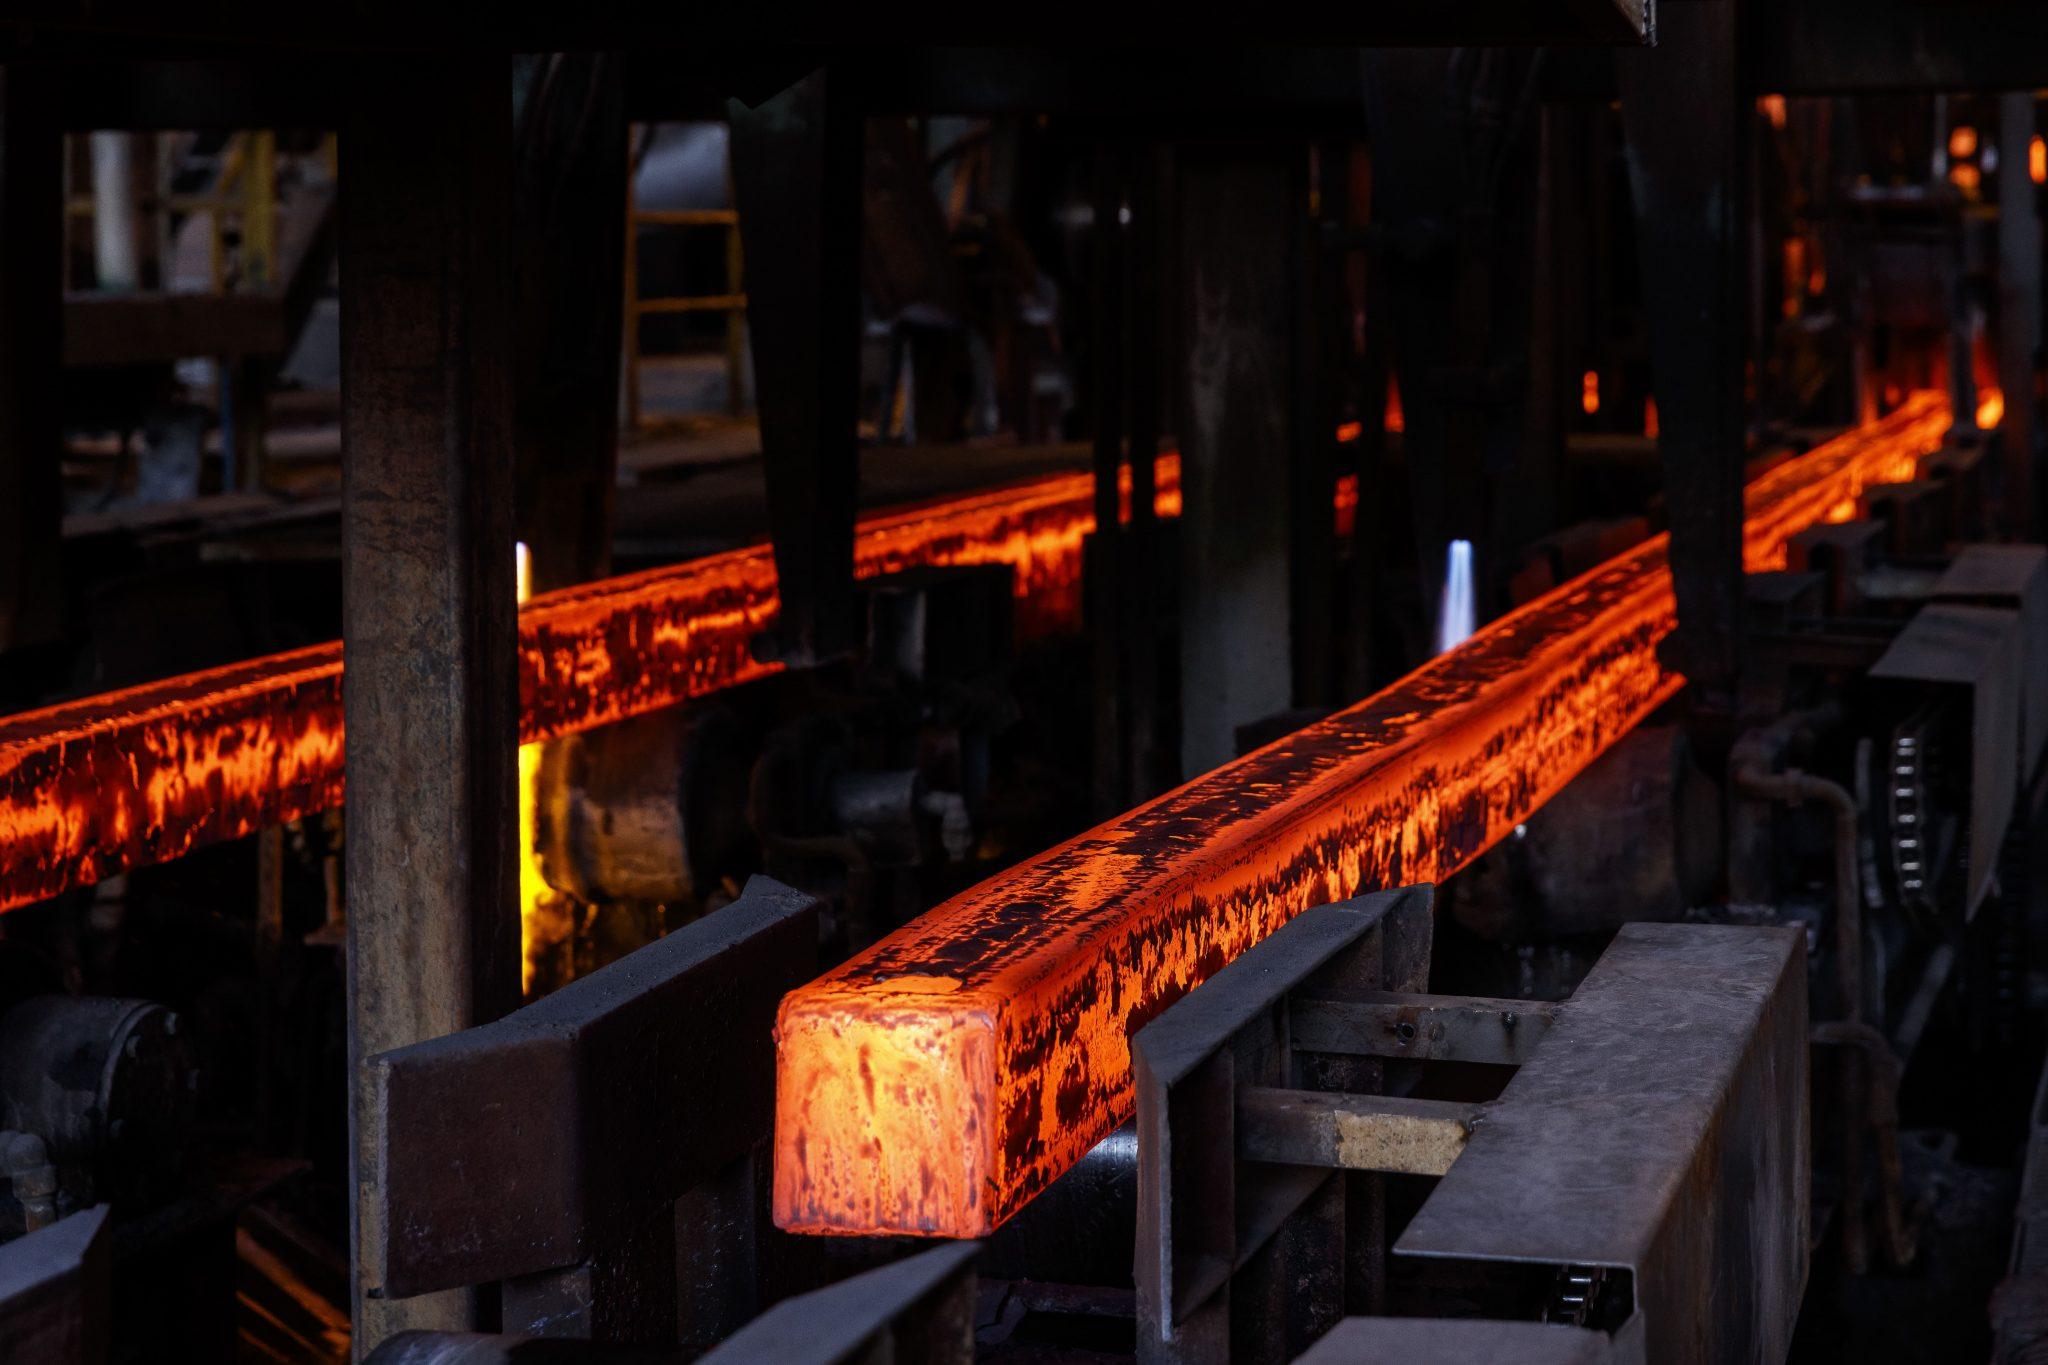 فولاد مشیز بردسیر